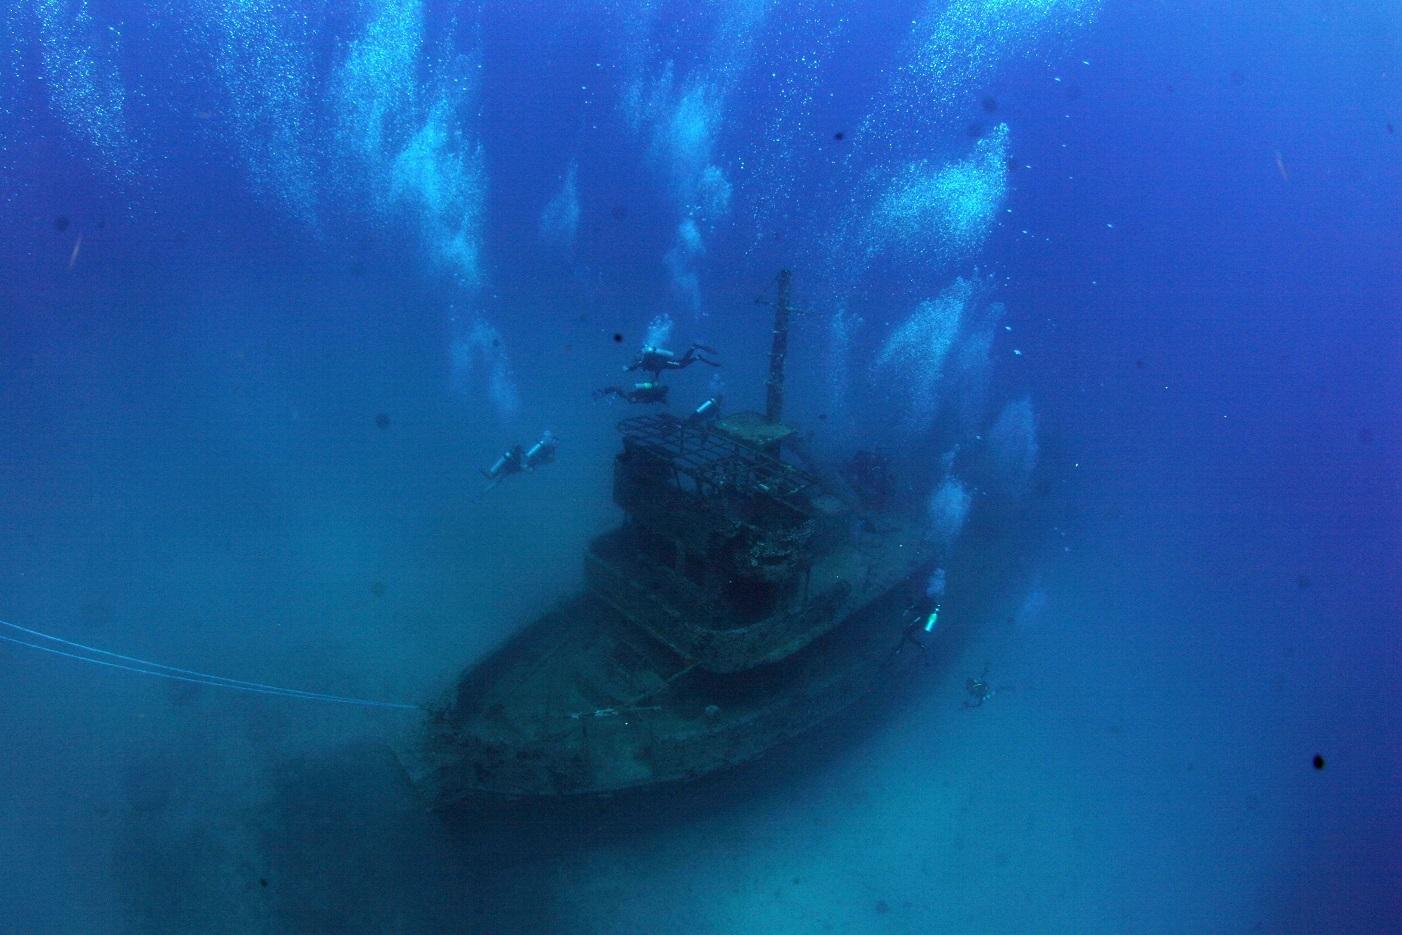 Mergulho autônomo permite explorar navios afundados a mais de 32 metros de profundidade